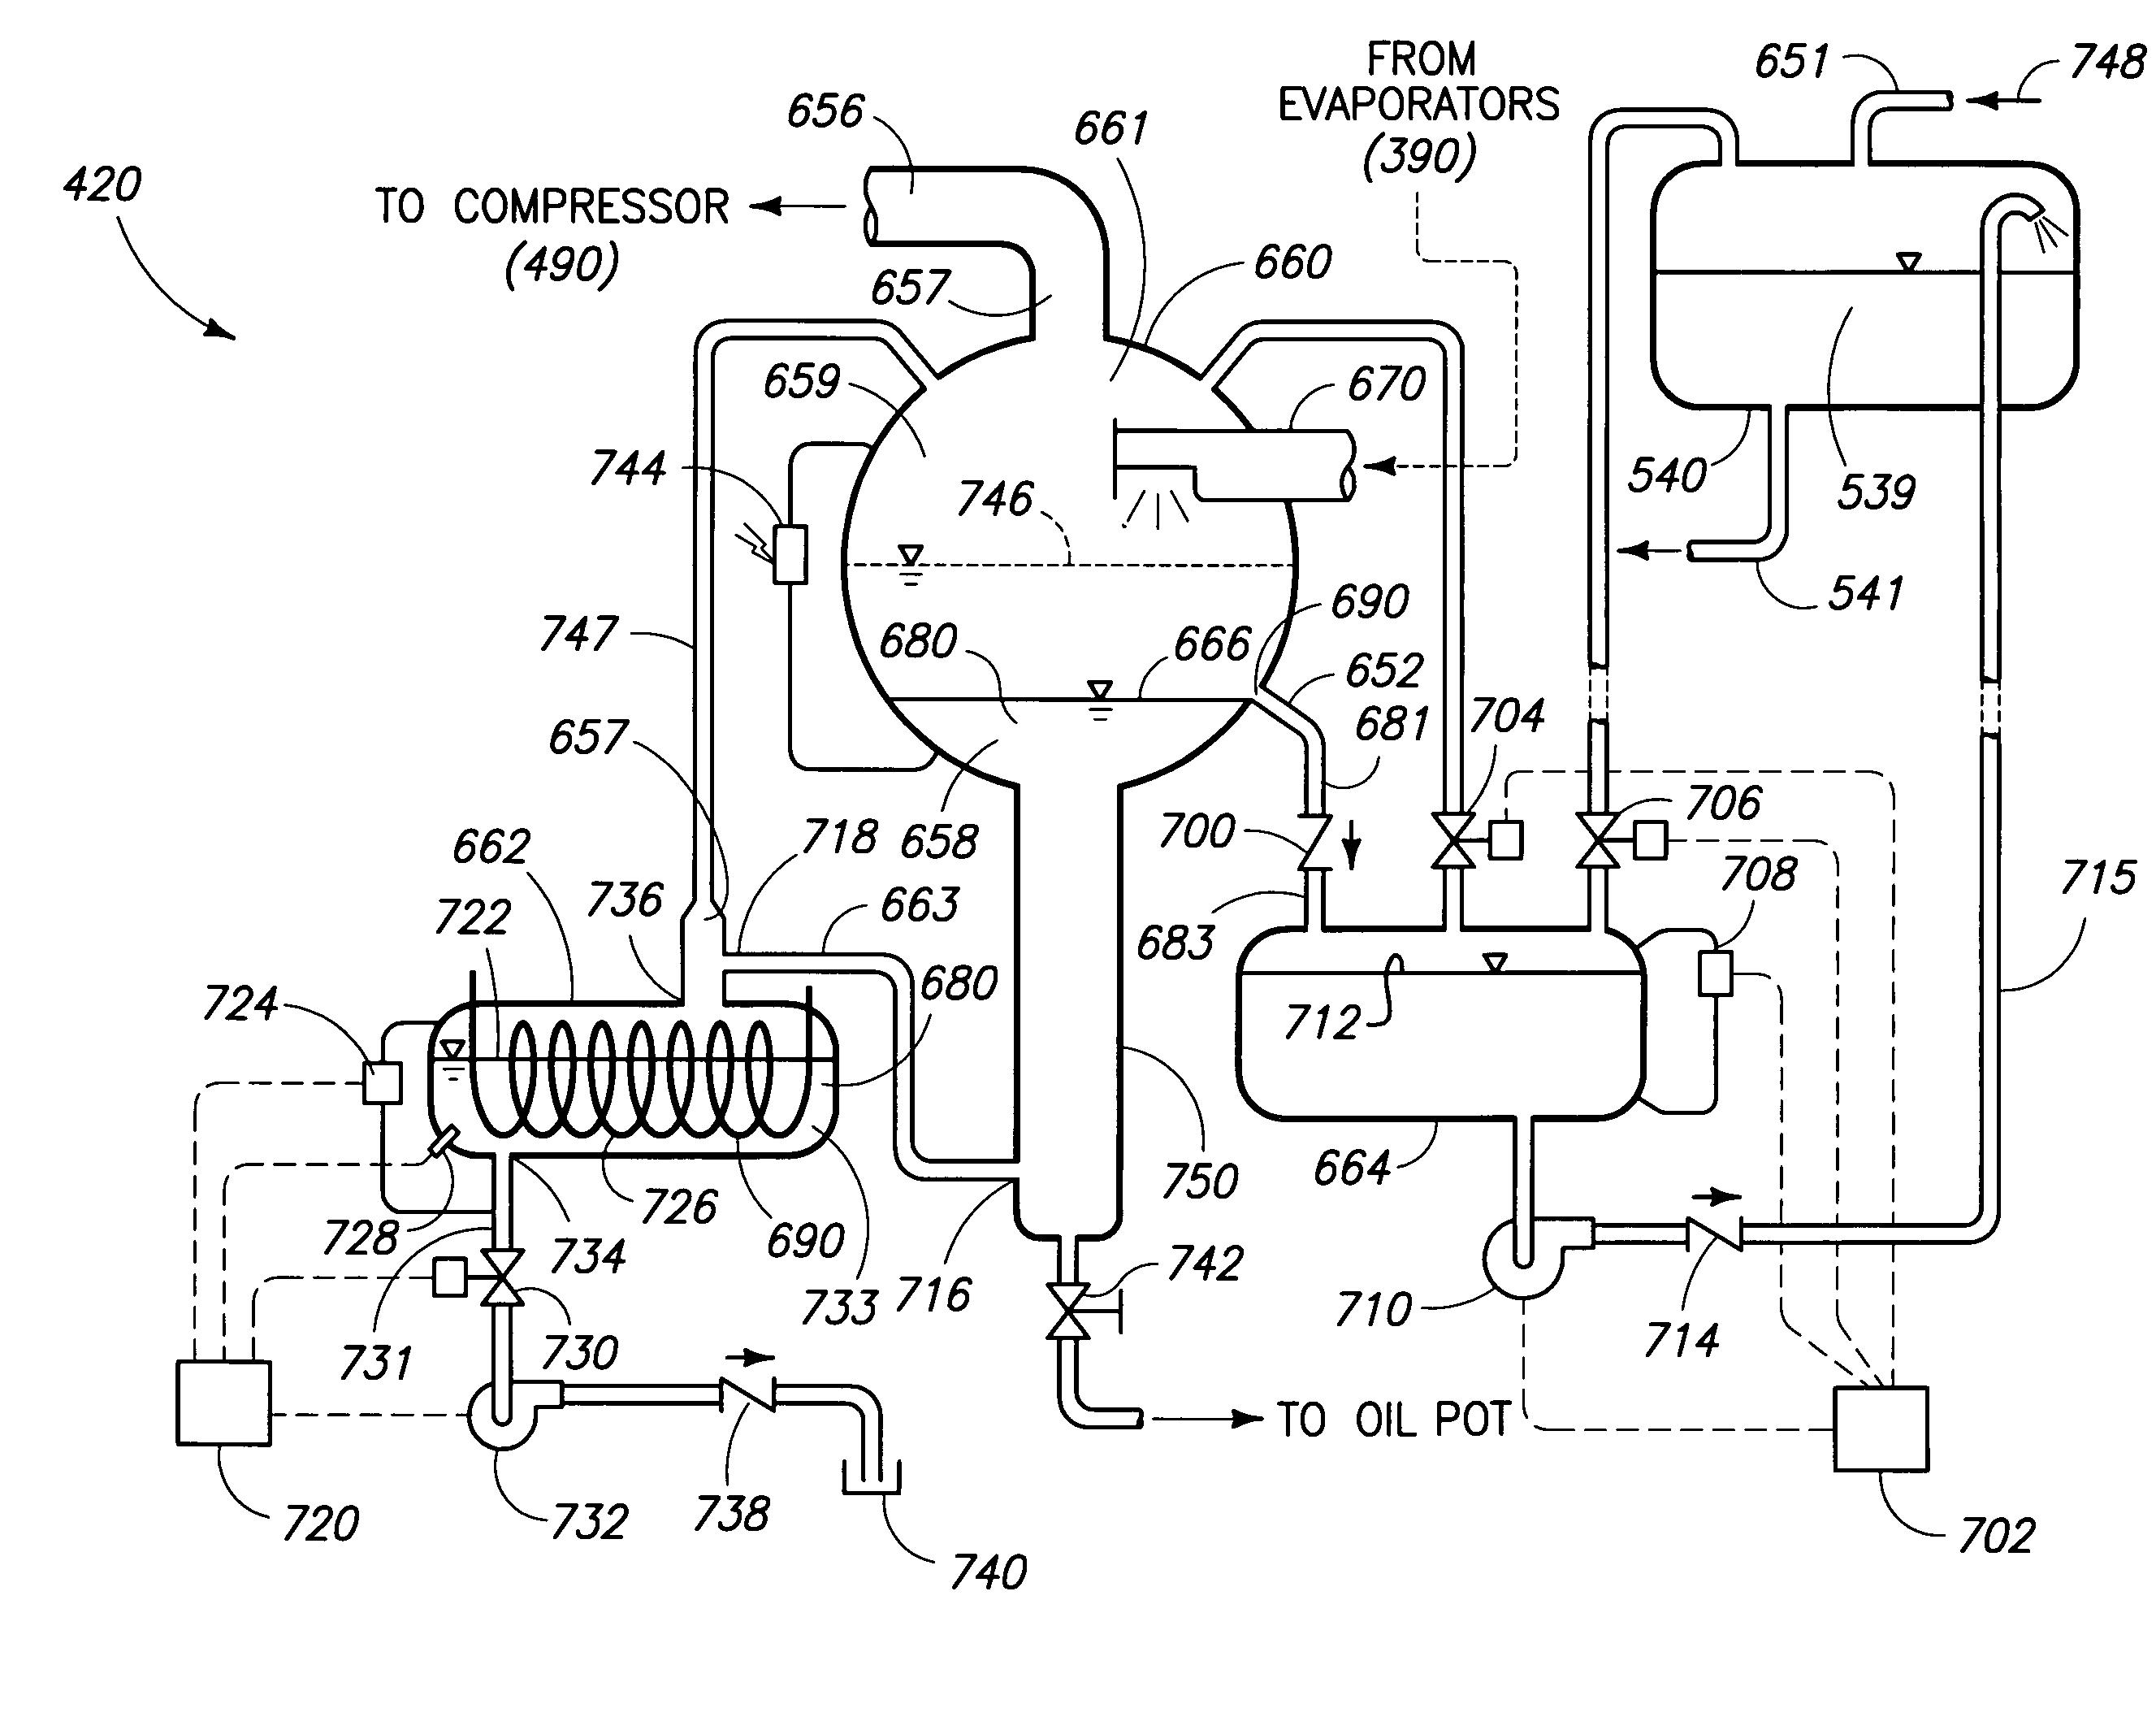 industrial ammonia refrigeration system